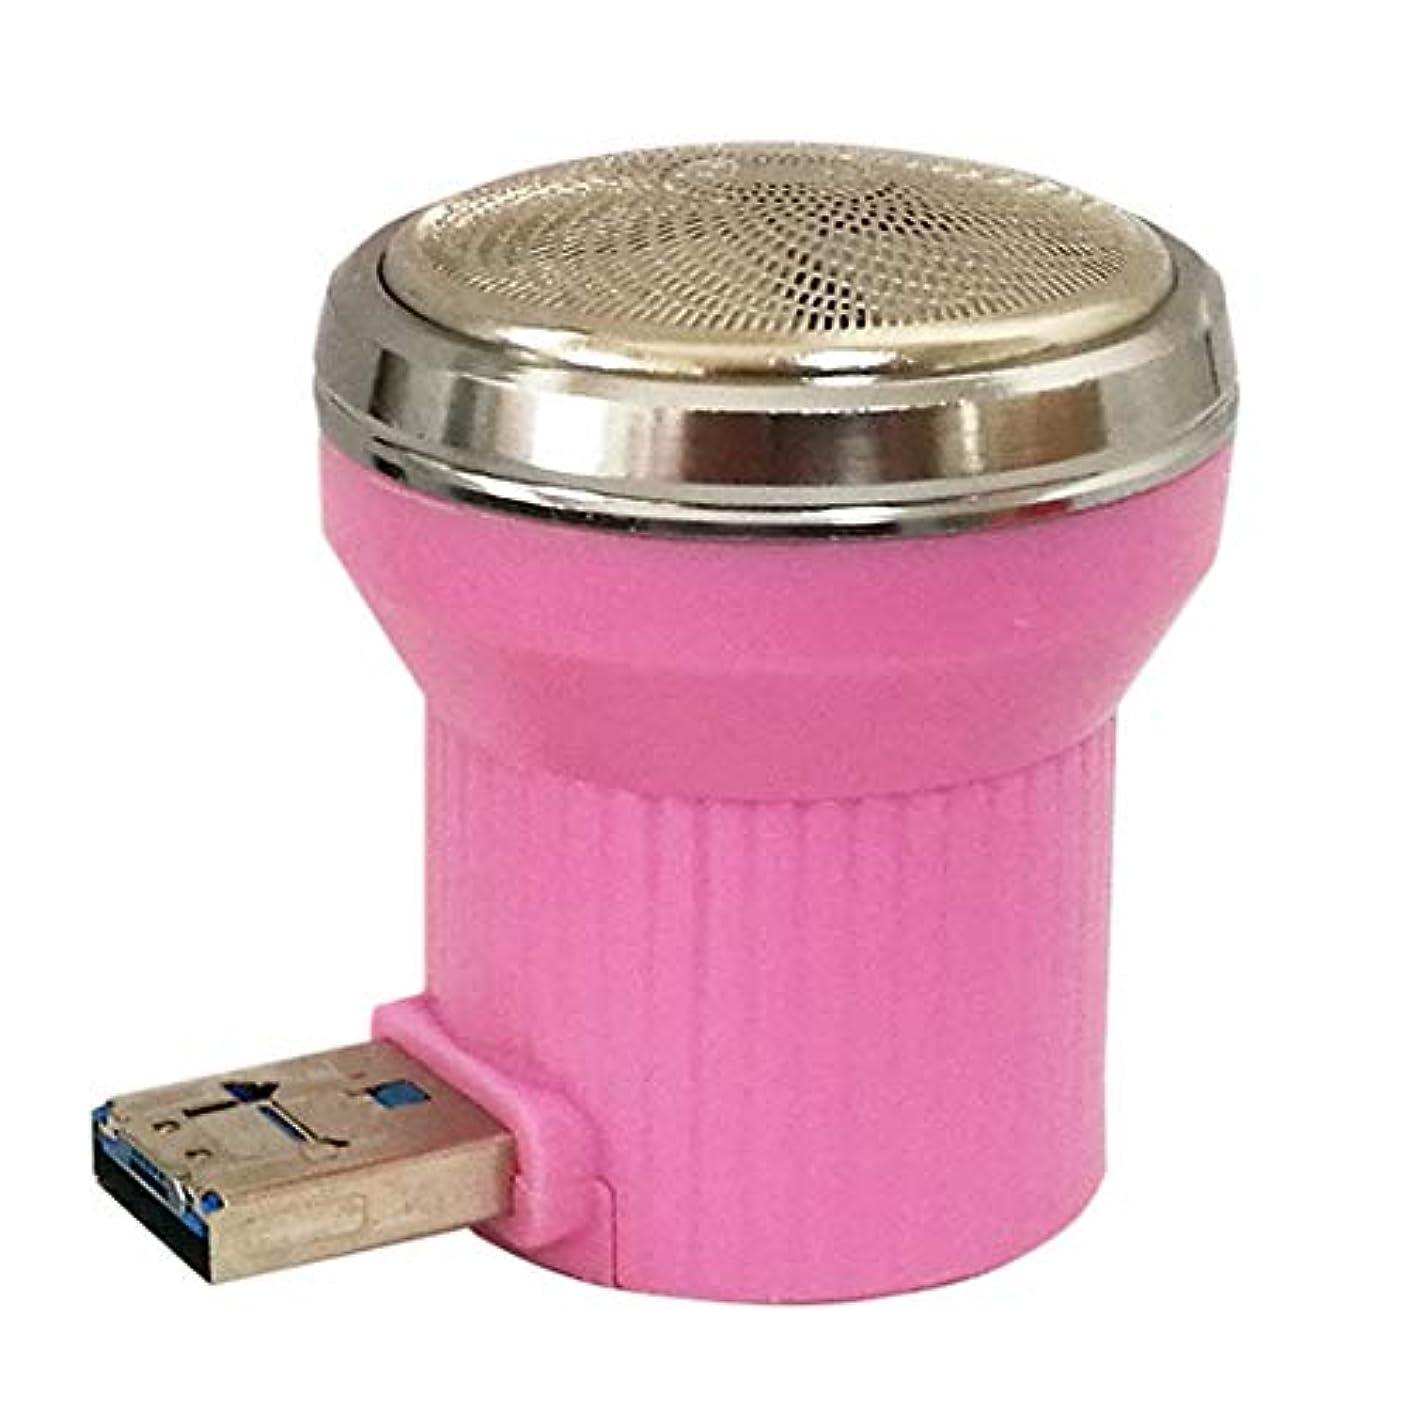 爆弾残る彼自身旅行用かみそり用ミニかみそりUSB携帯電話多機能ポータブル電気メンズかみそり(ピンク)